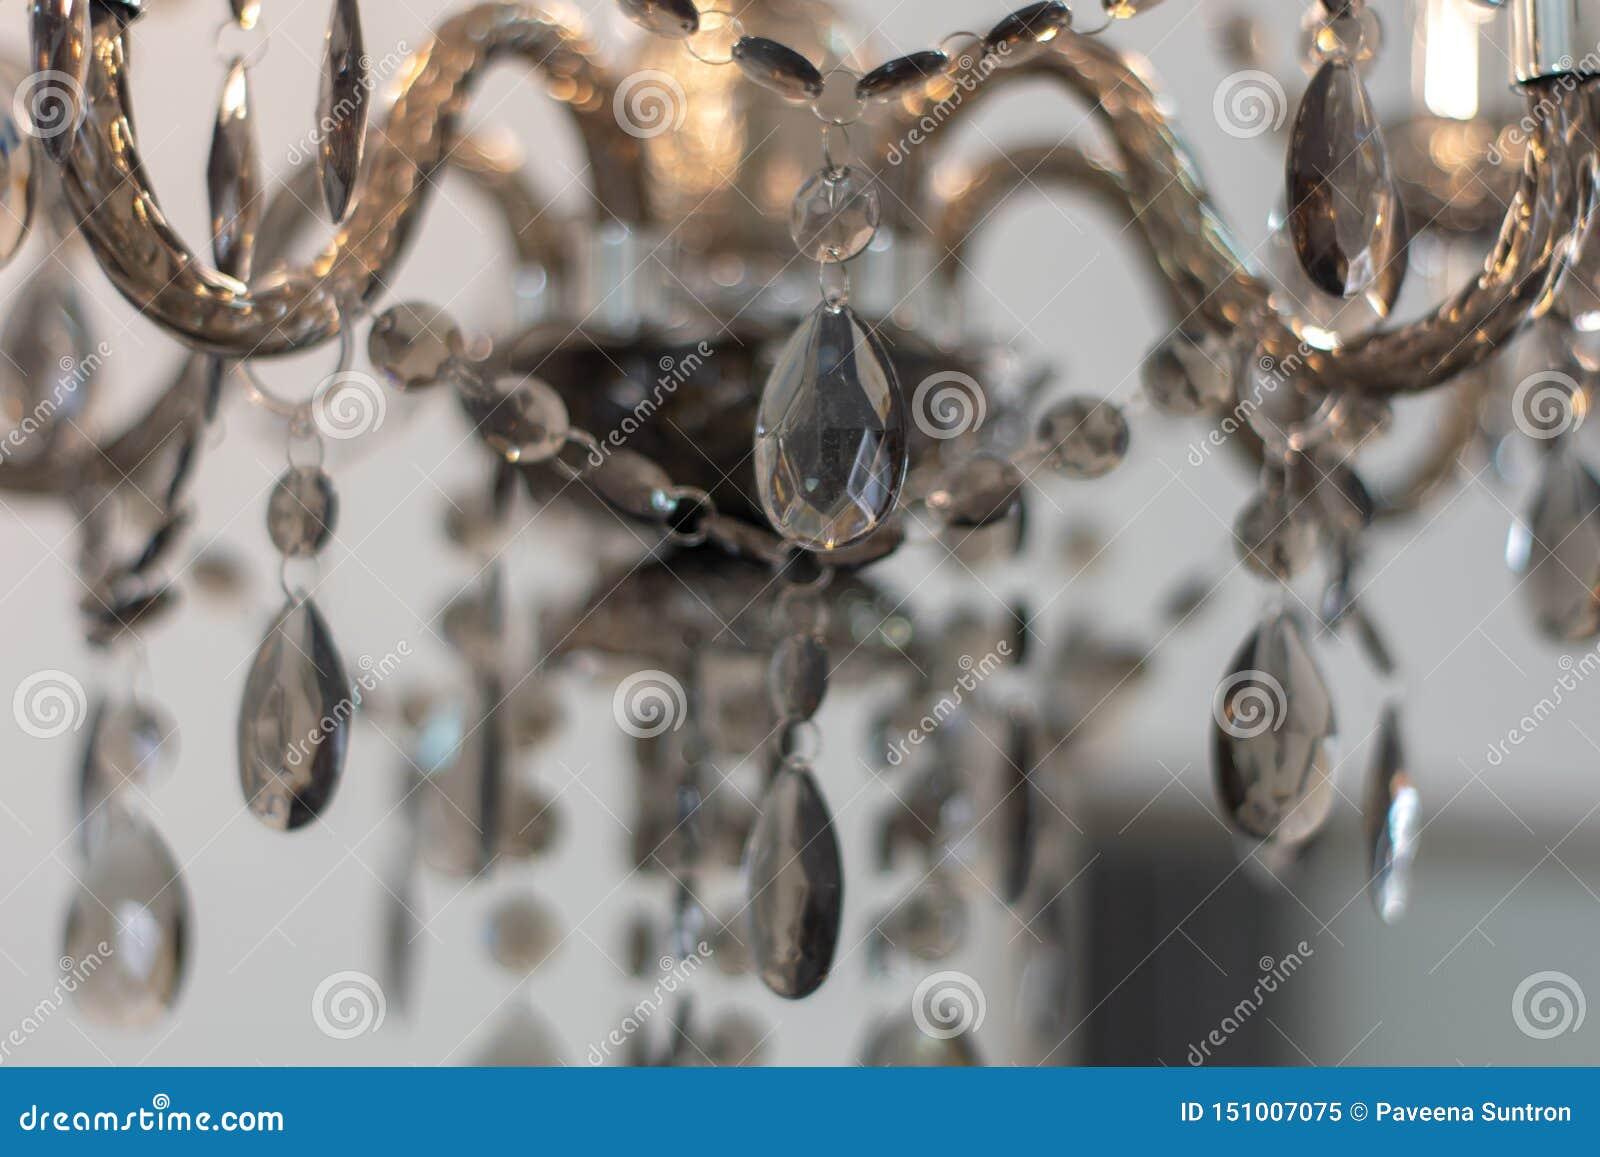 Krystaliczny szkło dekorował z lampami w domu